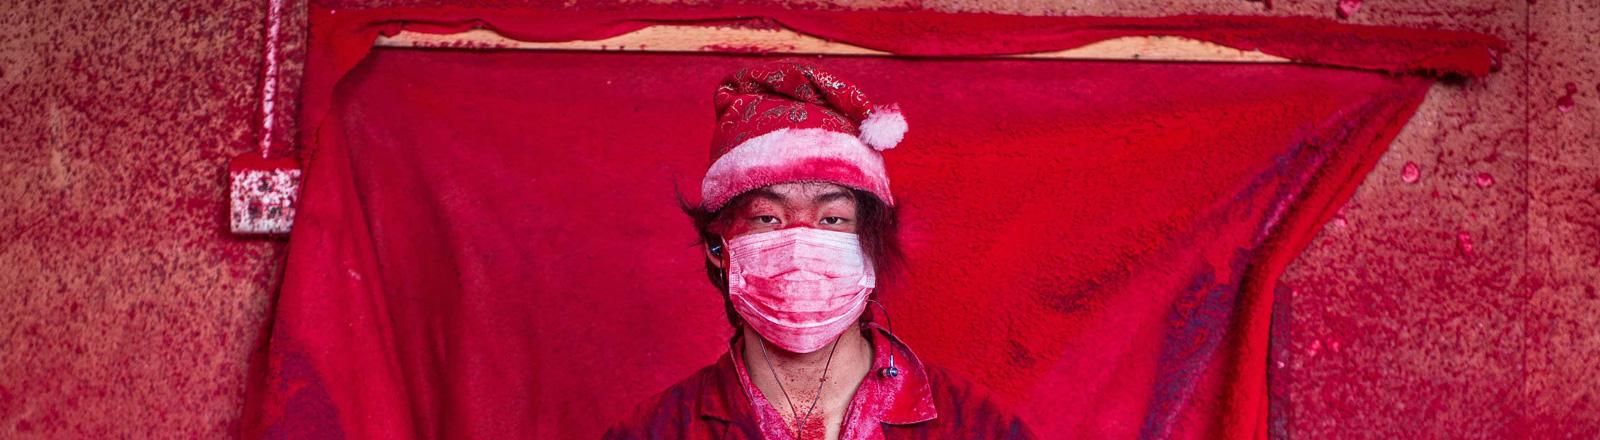 Ein Arbeiter steht mit Weihnachtsmütze bekleidet in einem Raum, der rot von Farbspritzern ist. Links stehen aufgereiht Weihnachtsmännerschuhe als Weihnachtsdeko; Bild: dpa